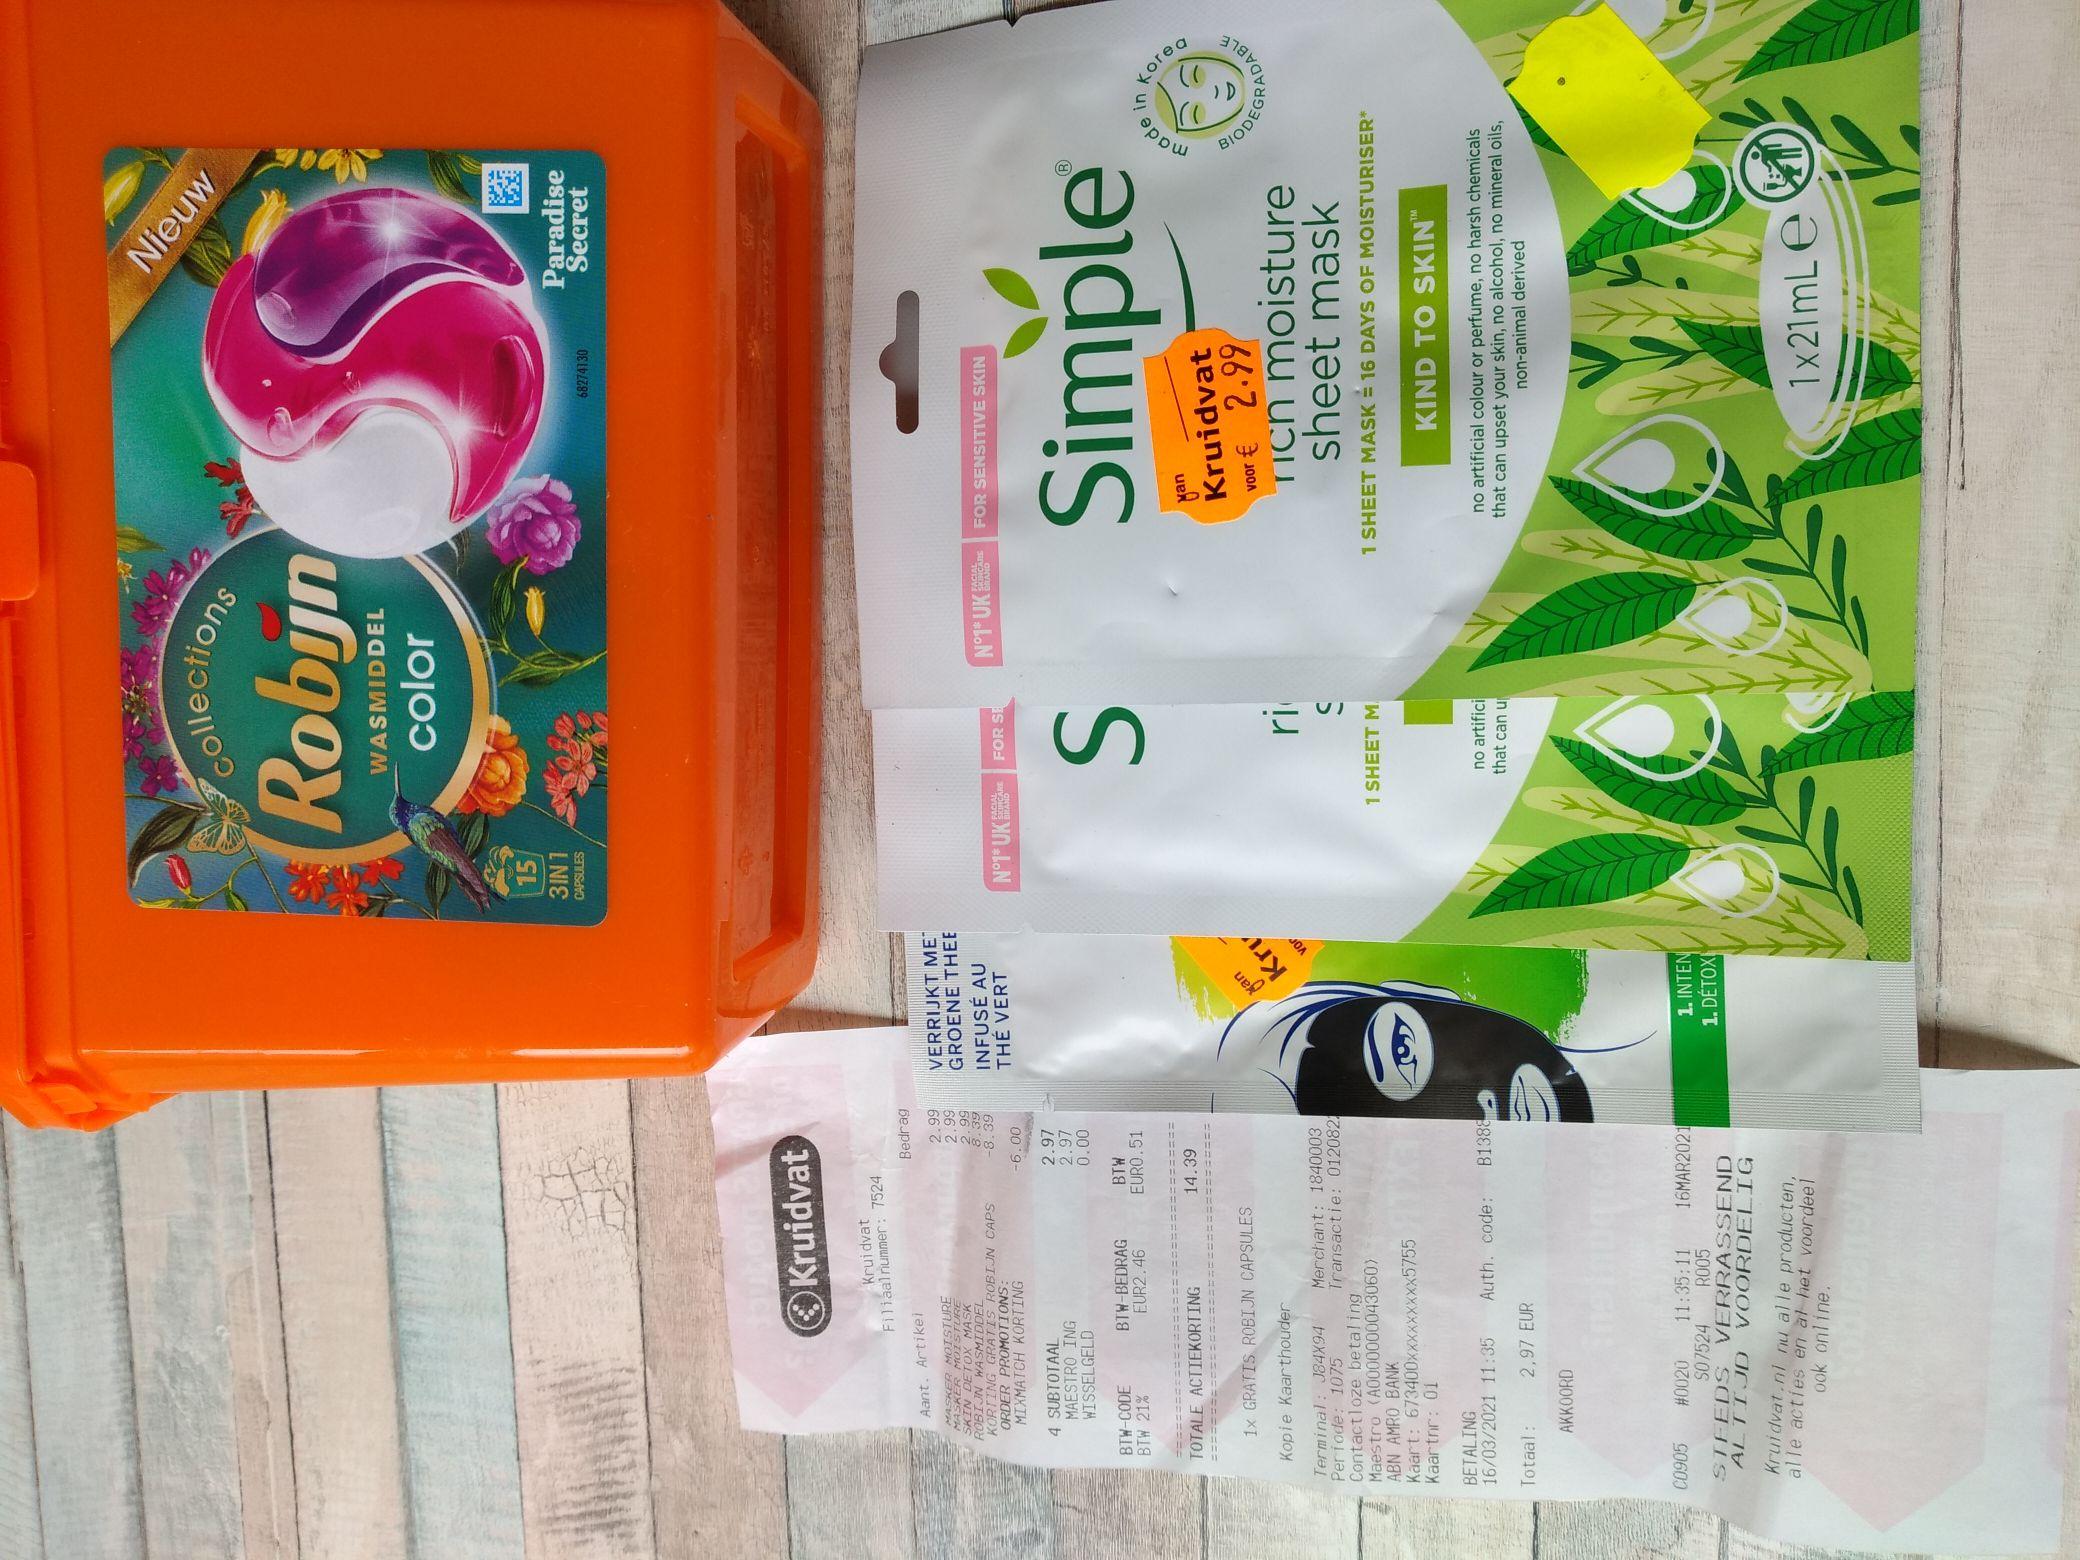 Kruidvat Robijn wasmiddel capsules + 3 producten vanaf 2,99 (in store)